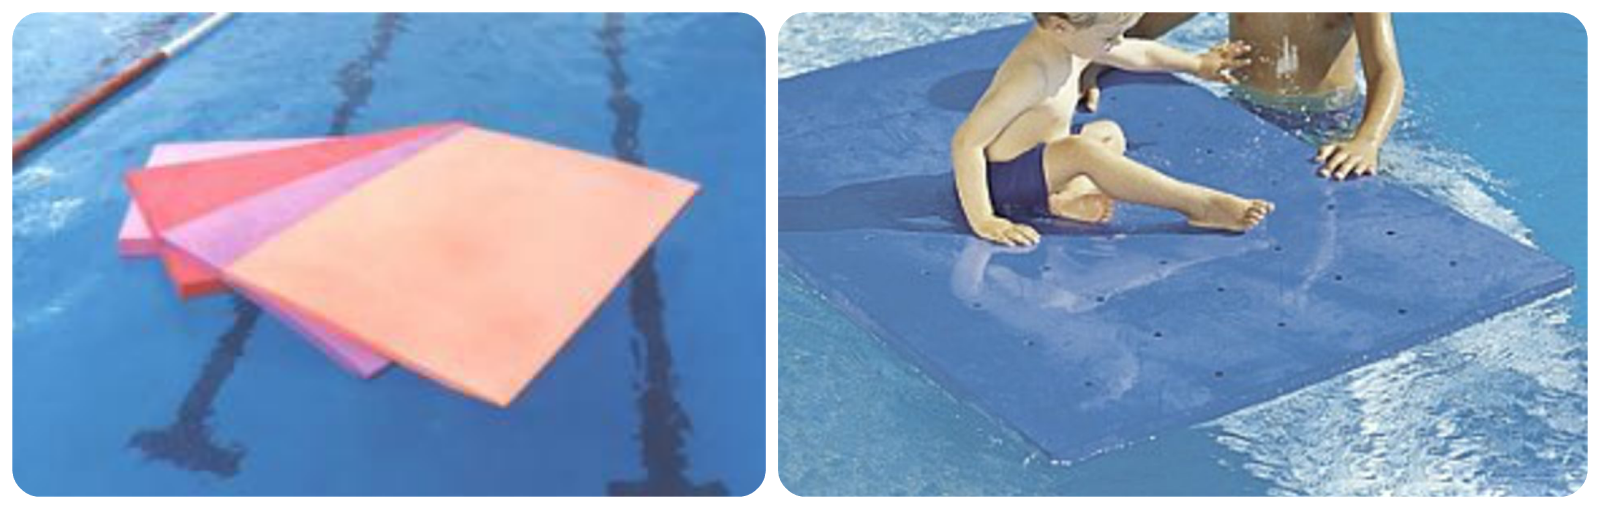 Gabriela ure a castillo 514 for Colchonetas de piscina